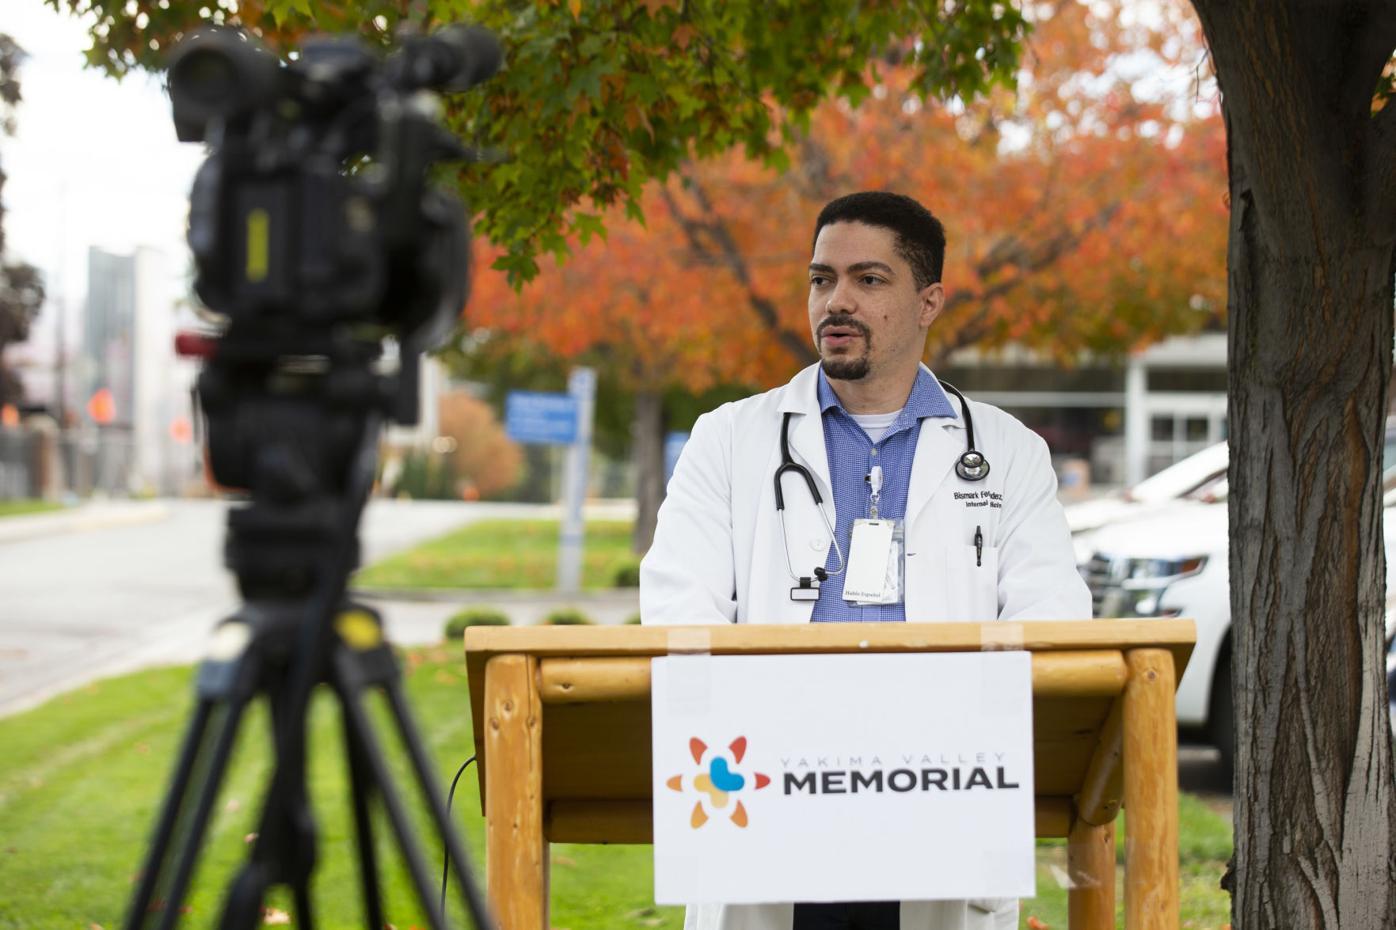 Dr. Bismark Fernandez